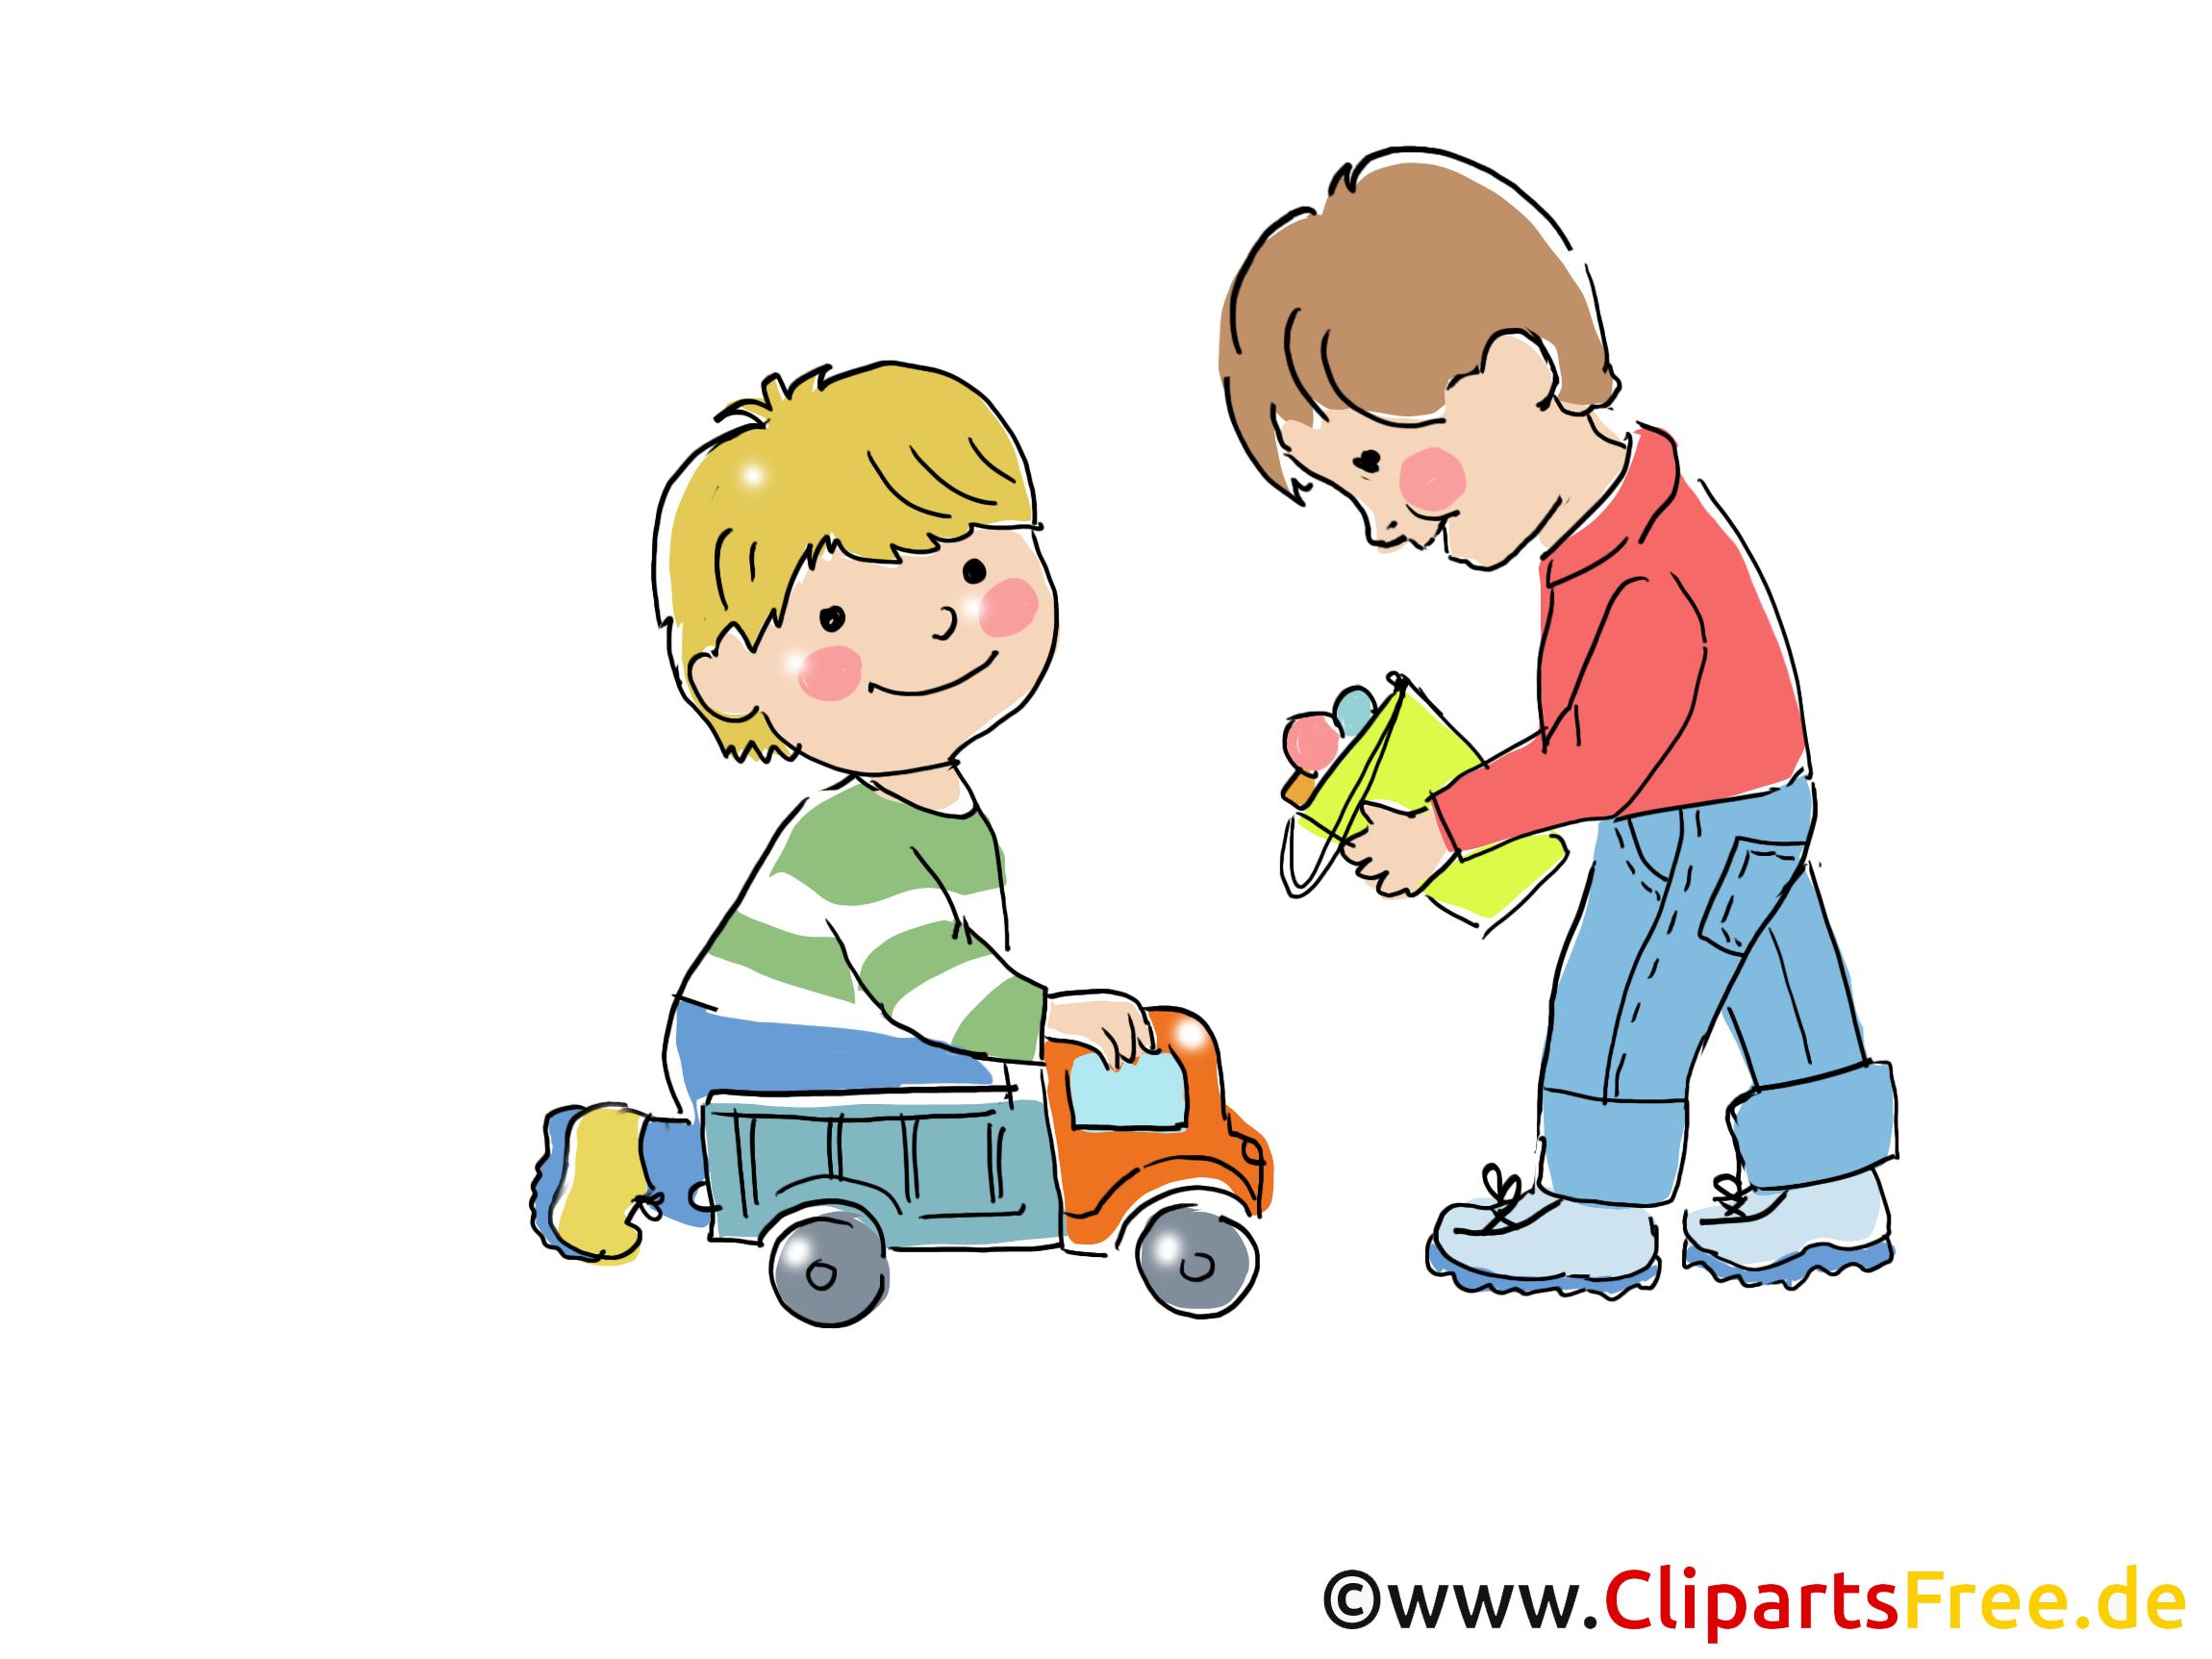 Jouer aux voitures illustration - Maternelle images gratuites